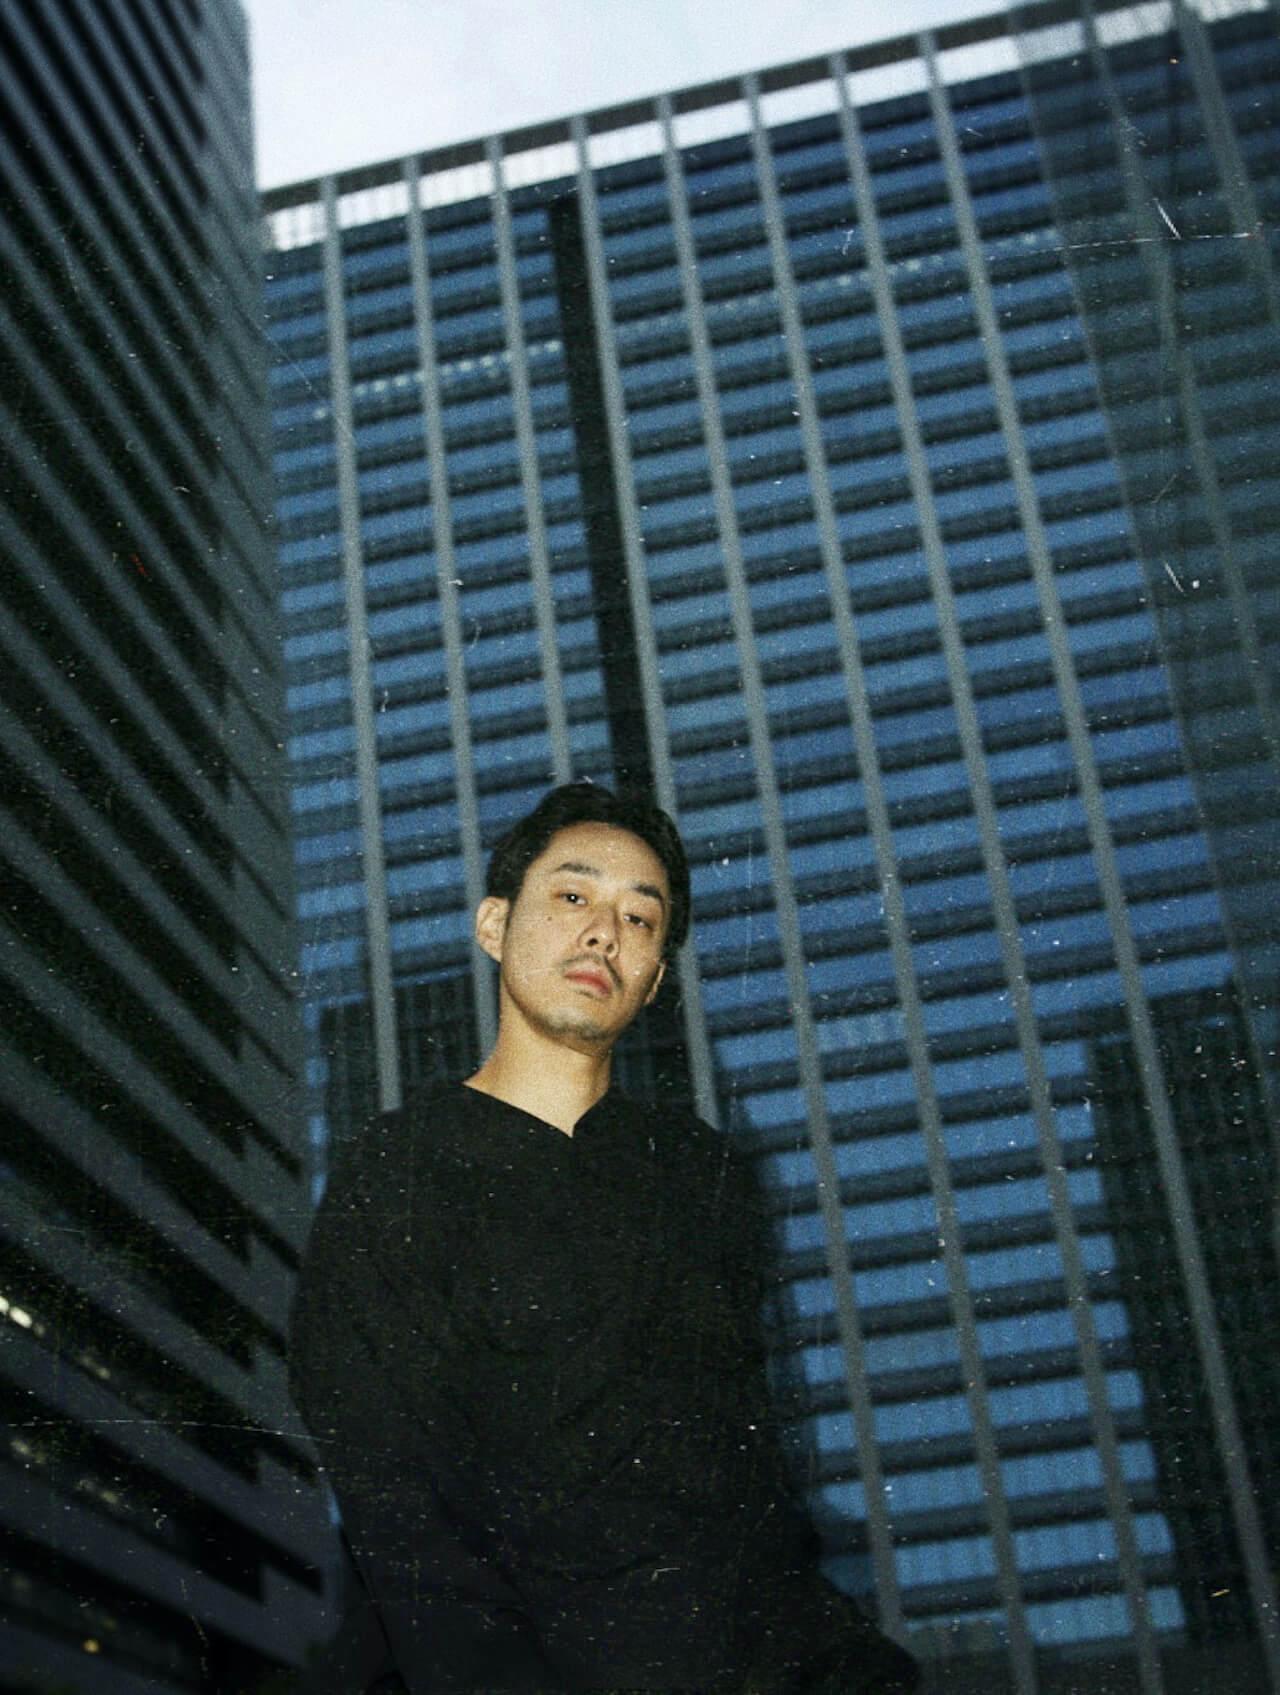 Manhattan Portageによる都市型音楽プロジェクト<City Connection>が本日DOMMUNEで5時間まるごと生配信!Ovall、環ROYら6組が登場 music201125-city-connection-7